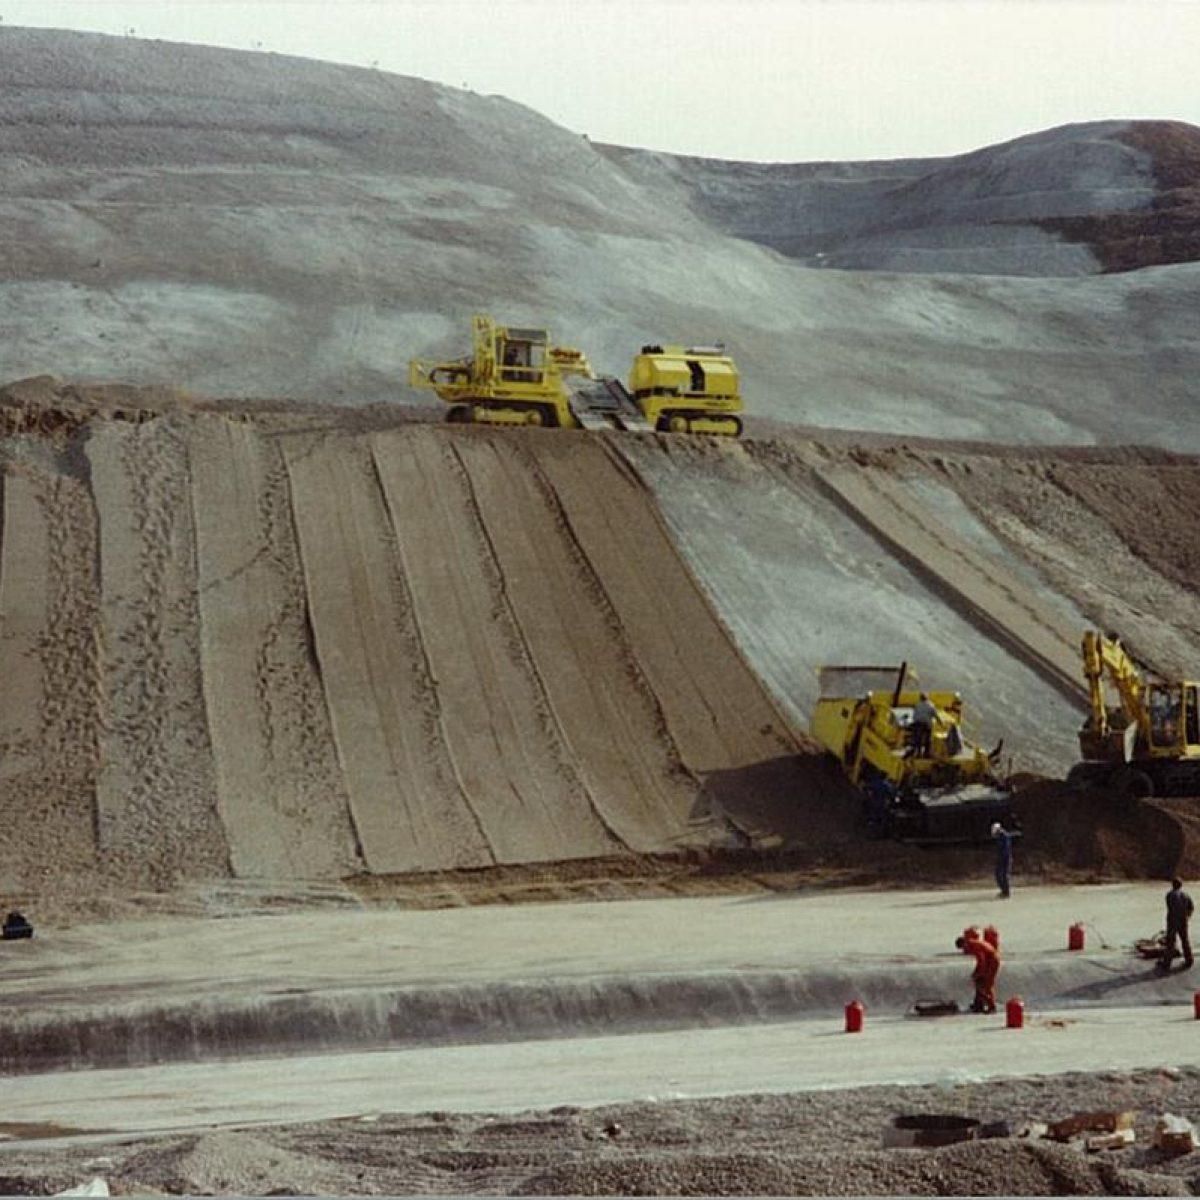 Smaltimento dei rifiuti, discarica Valle della Motta Coldrerio